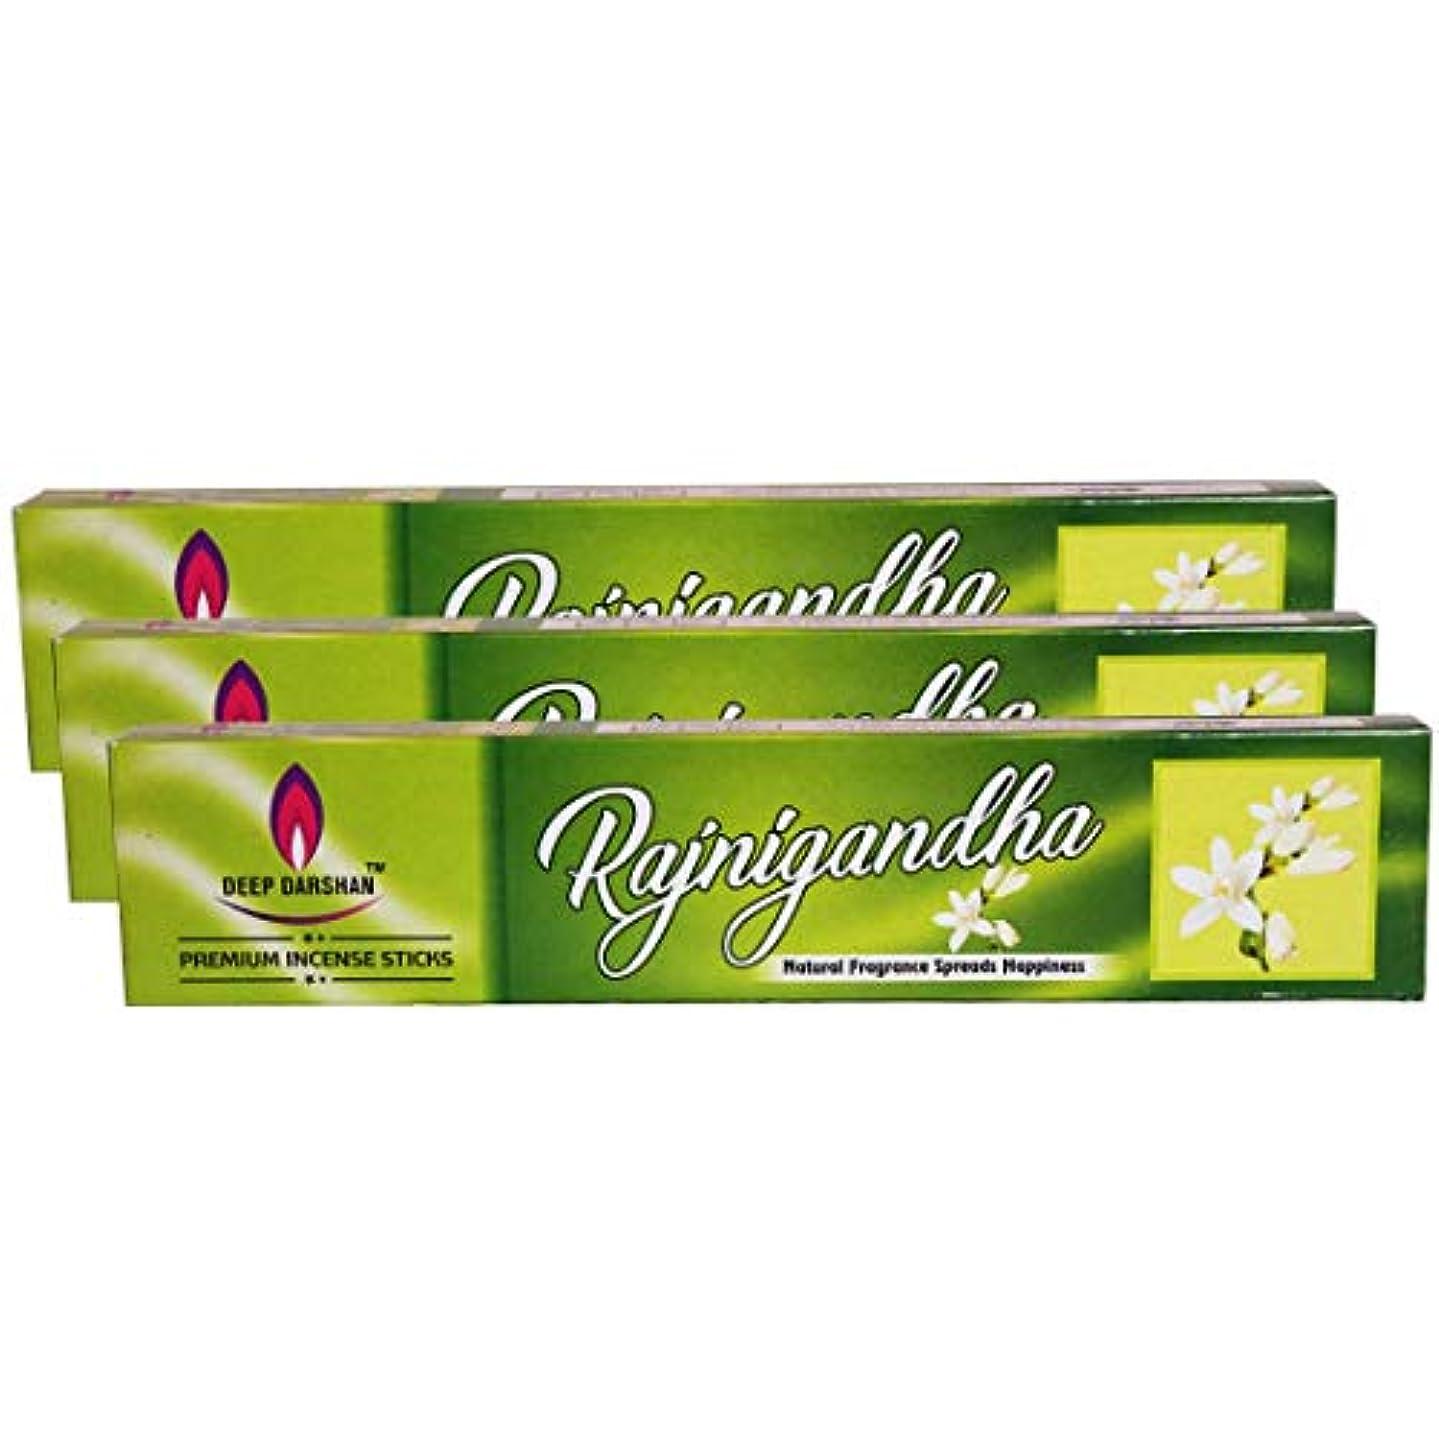 ダイバー蒸気湾DEEP DARSHAN Rajnigandha Premium Agarbatti